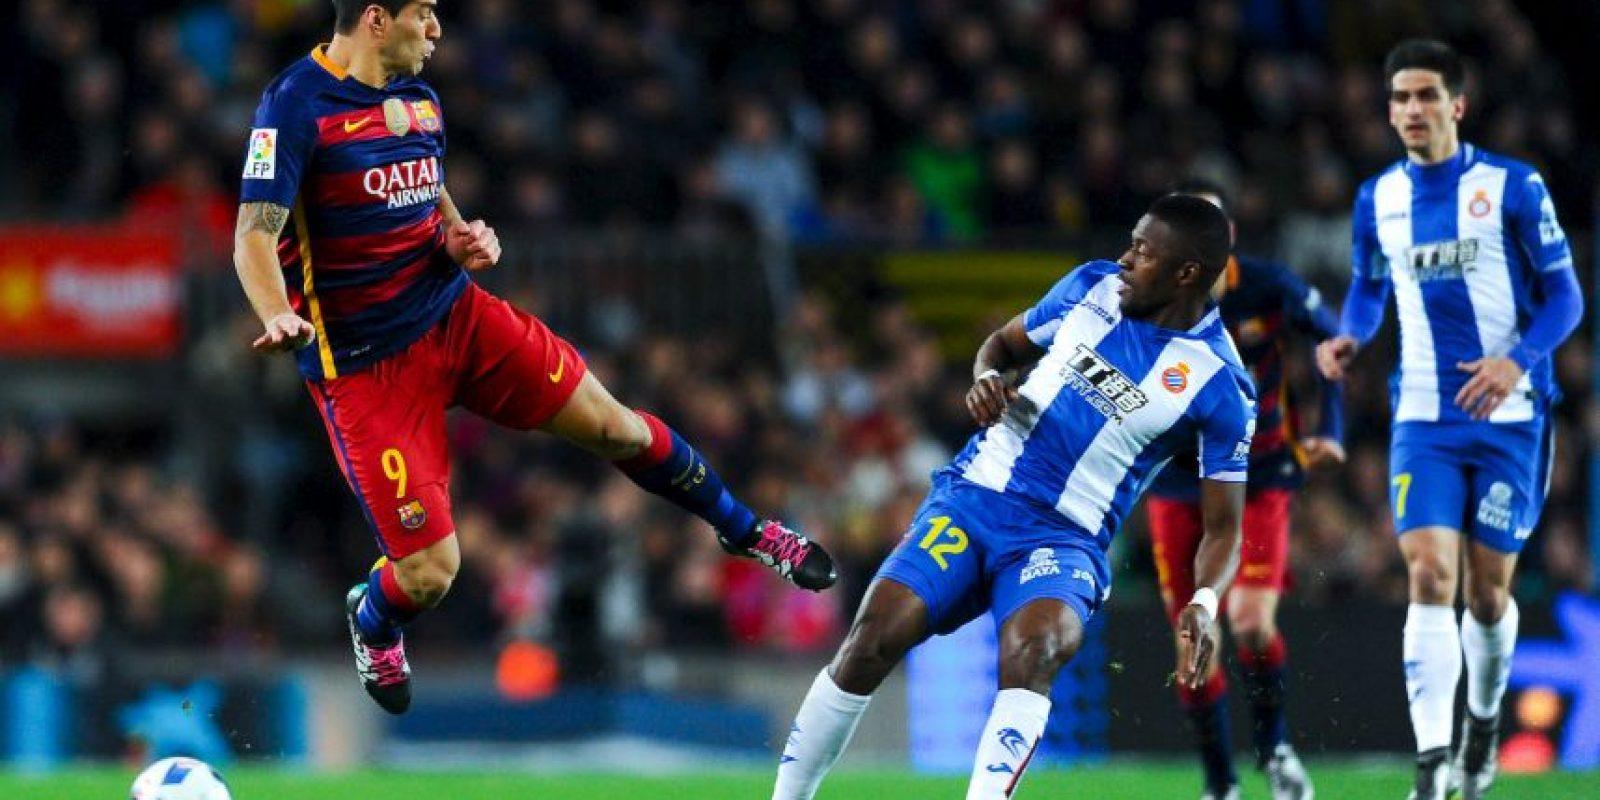 El partido pasado se caracterizó por el juego rudo de los futbolistas de ambos clubes. Foto:Getty Images